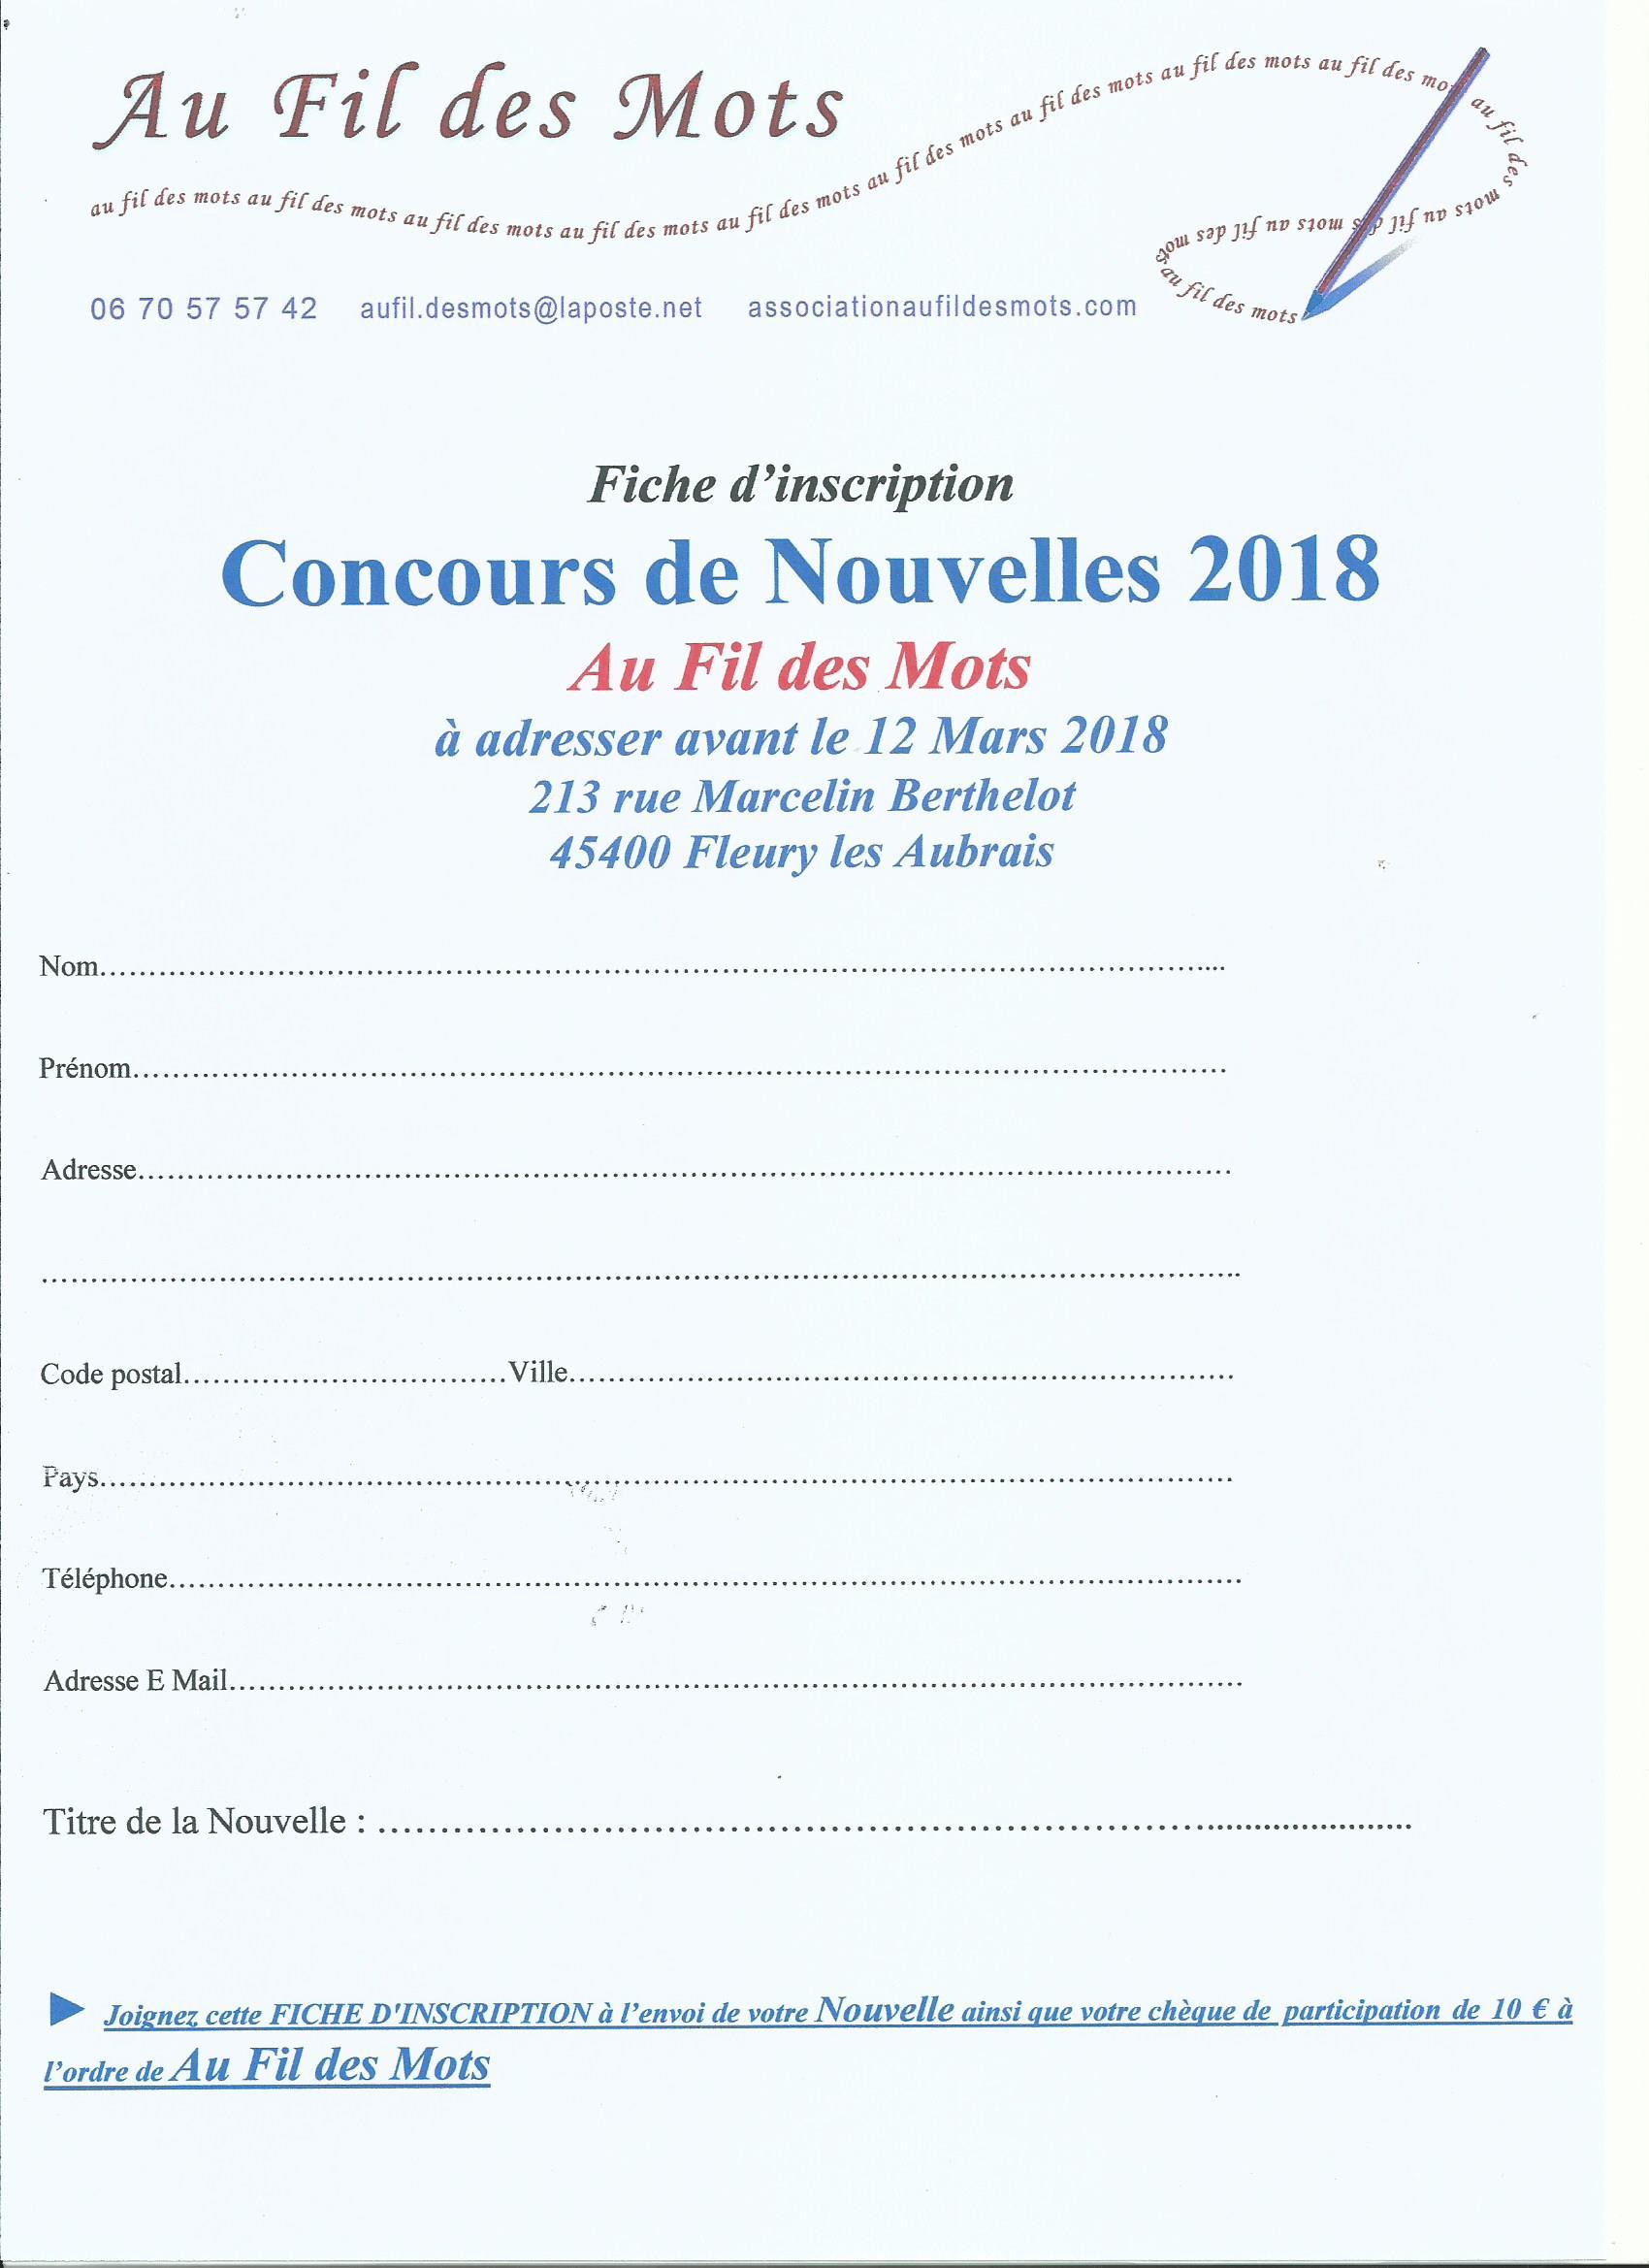 Scan Communiqué Au Fil des Mots Concours de Nouvelles N°1 2018.jpg